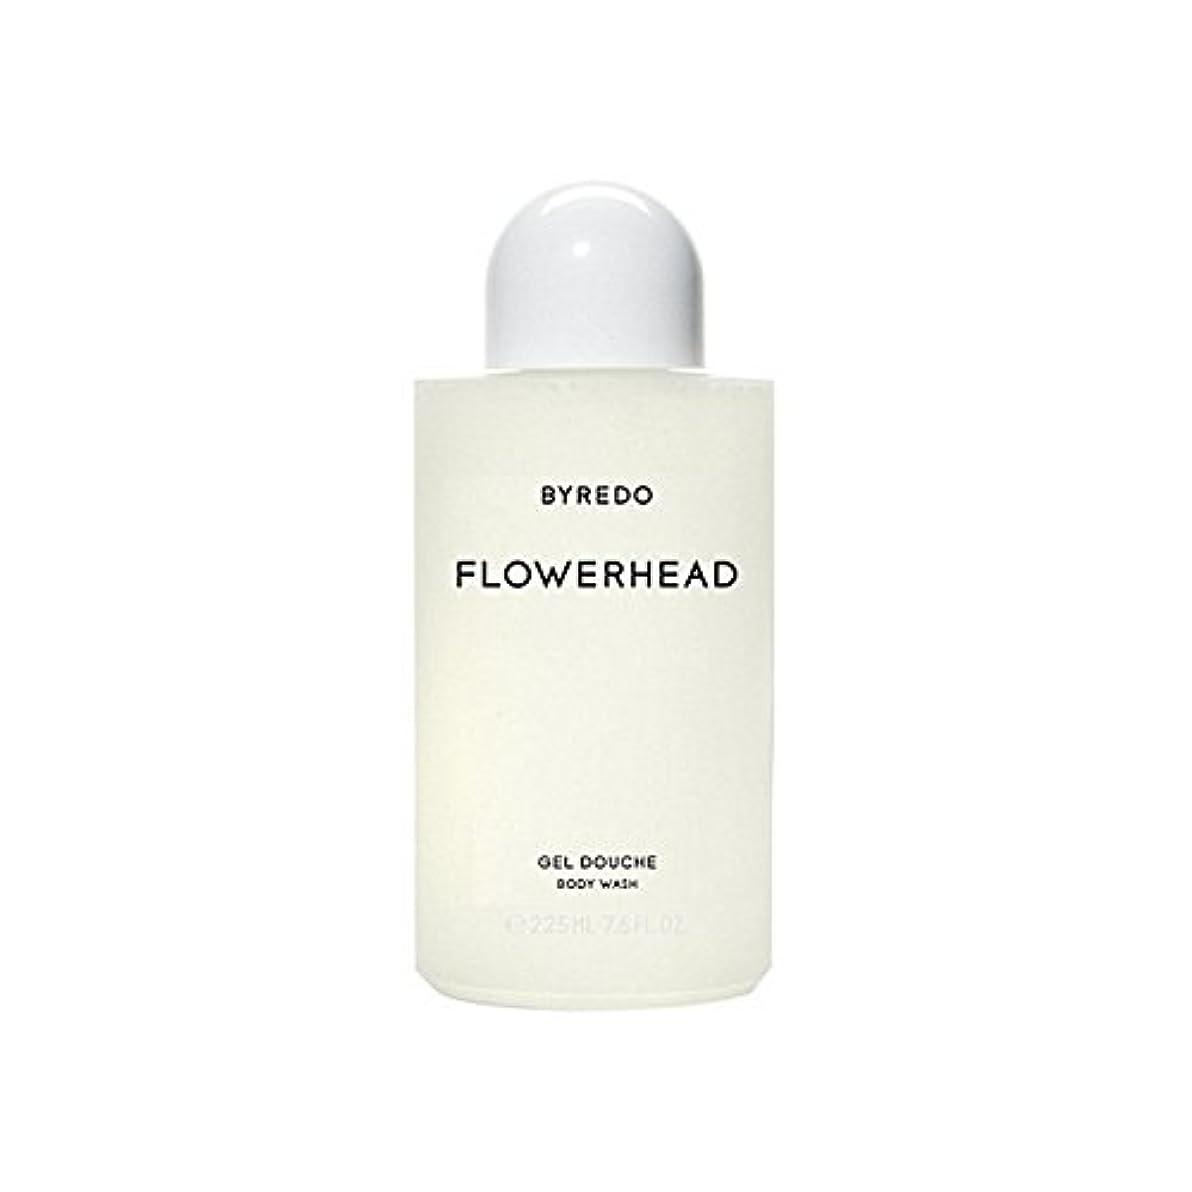 好色なパリティジョージハンブリーByredo Flowerhead Body Wash 225ml - ボディウォッシュ225ミリリットル [並行輸入品]